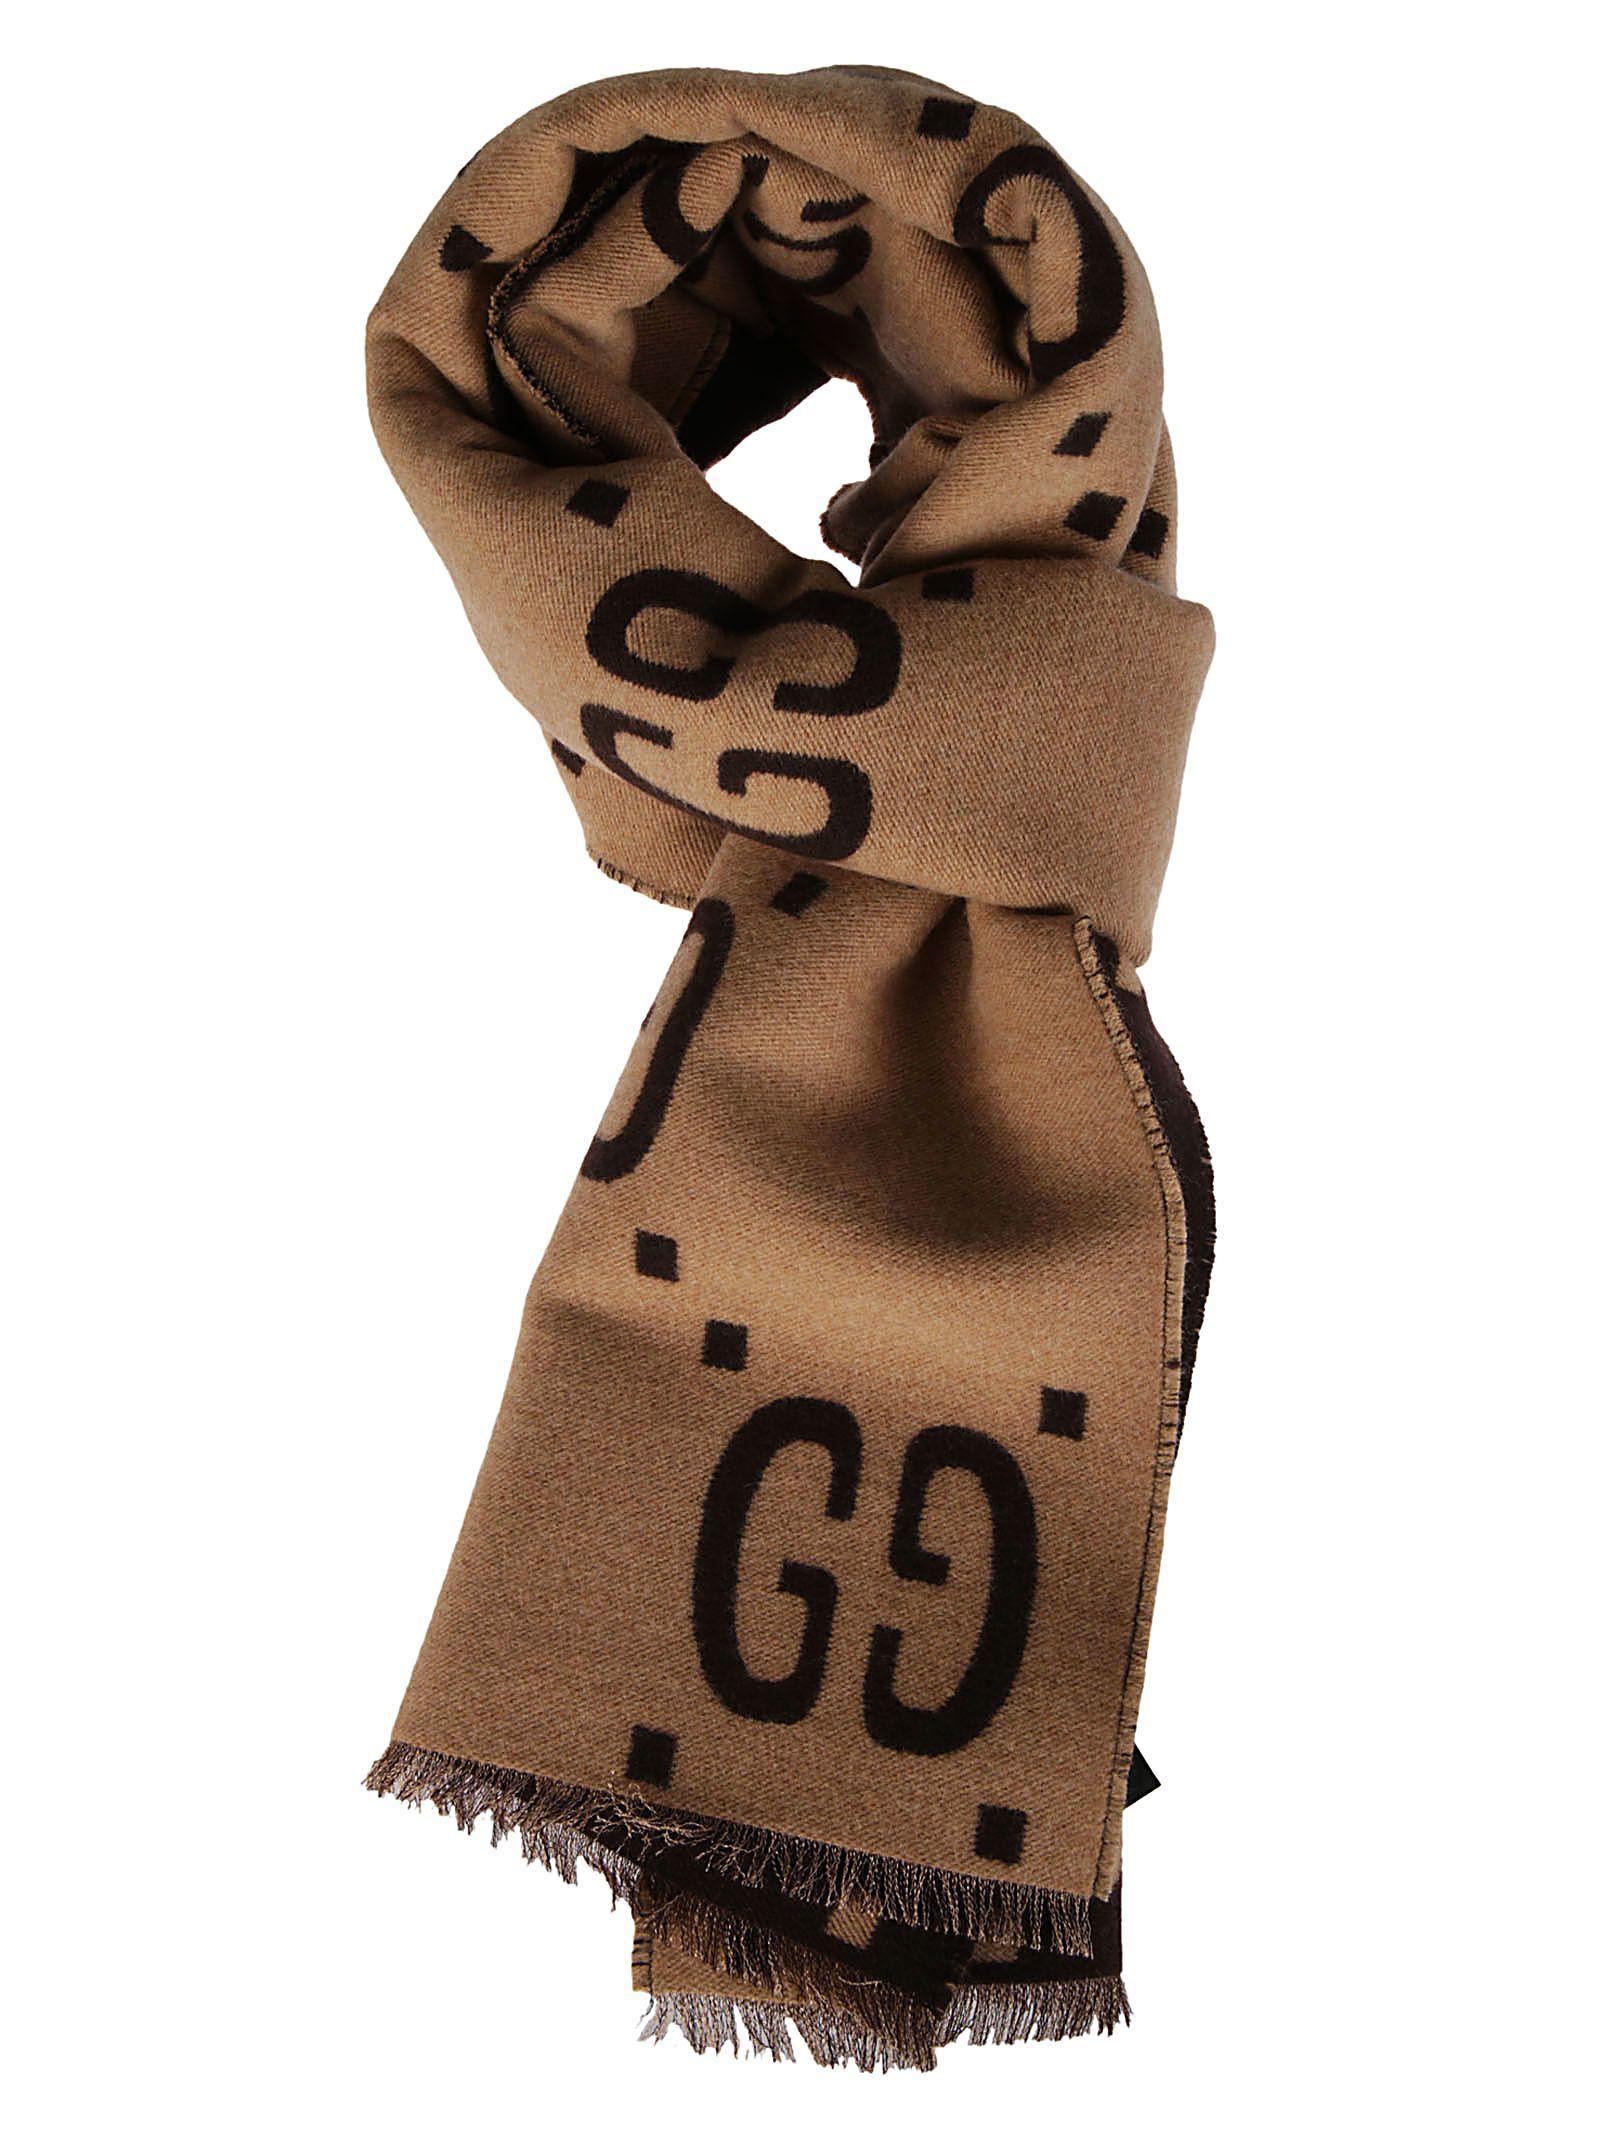 14a90ae951e8 GUCCI GG SUPREME PRINT SCARF.  gucci